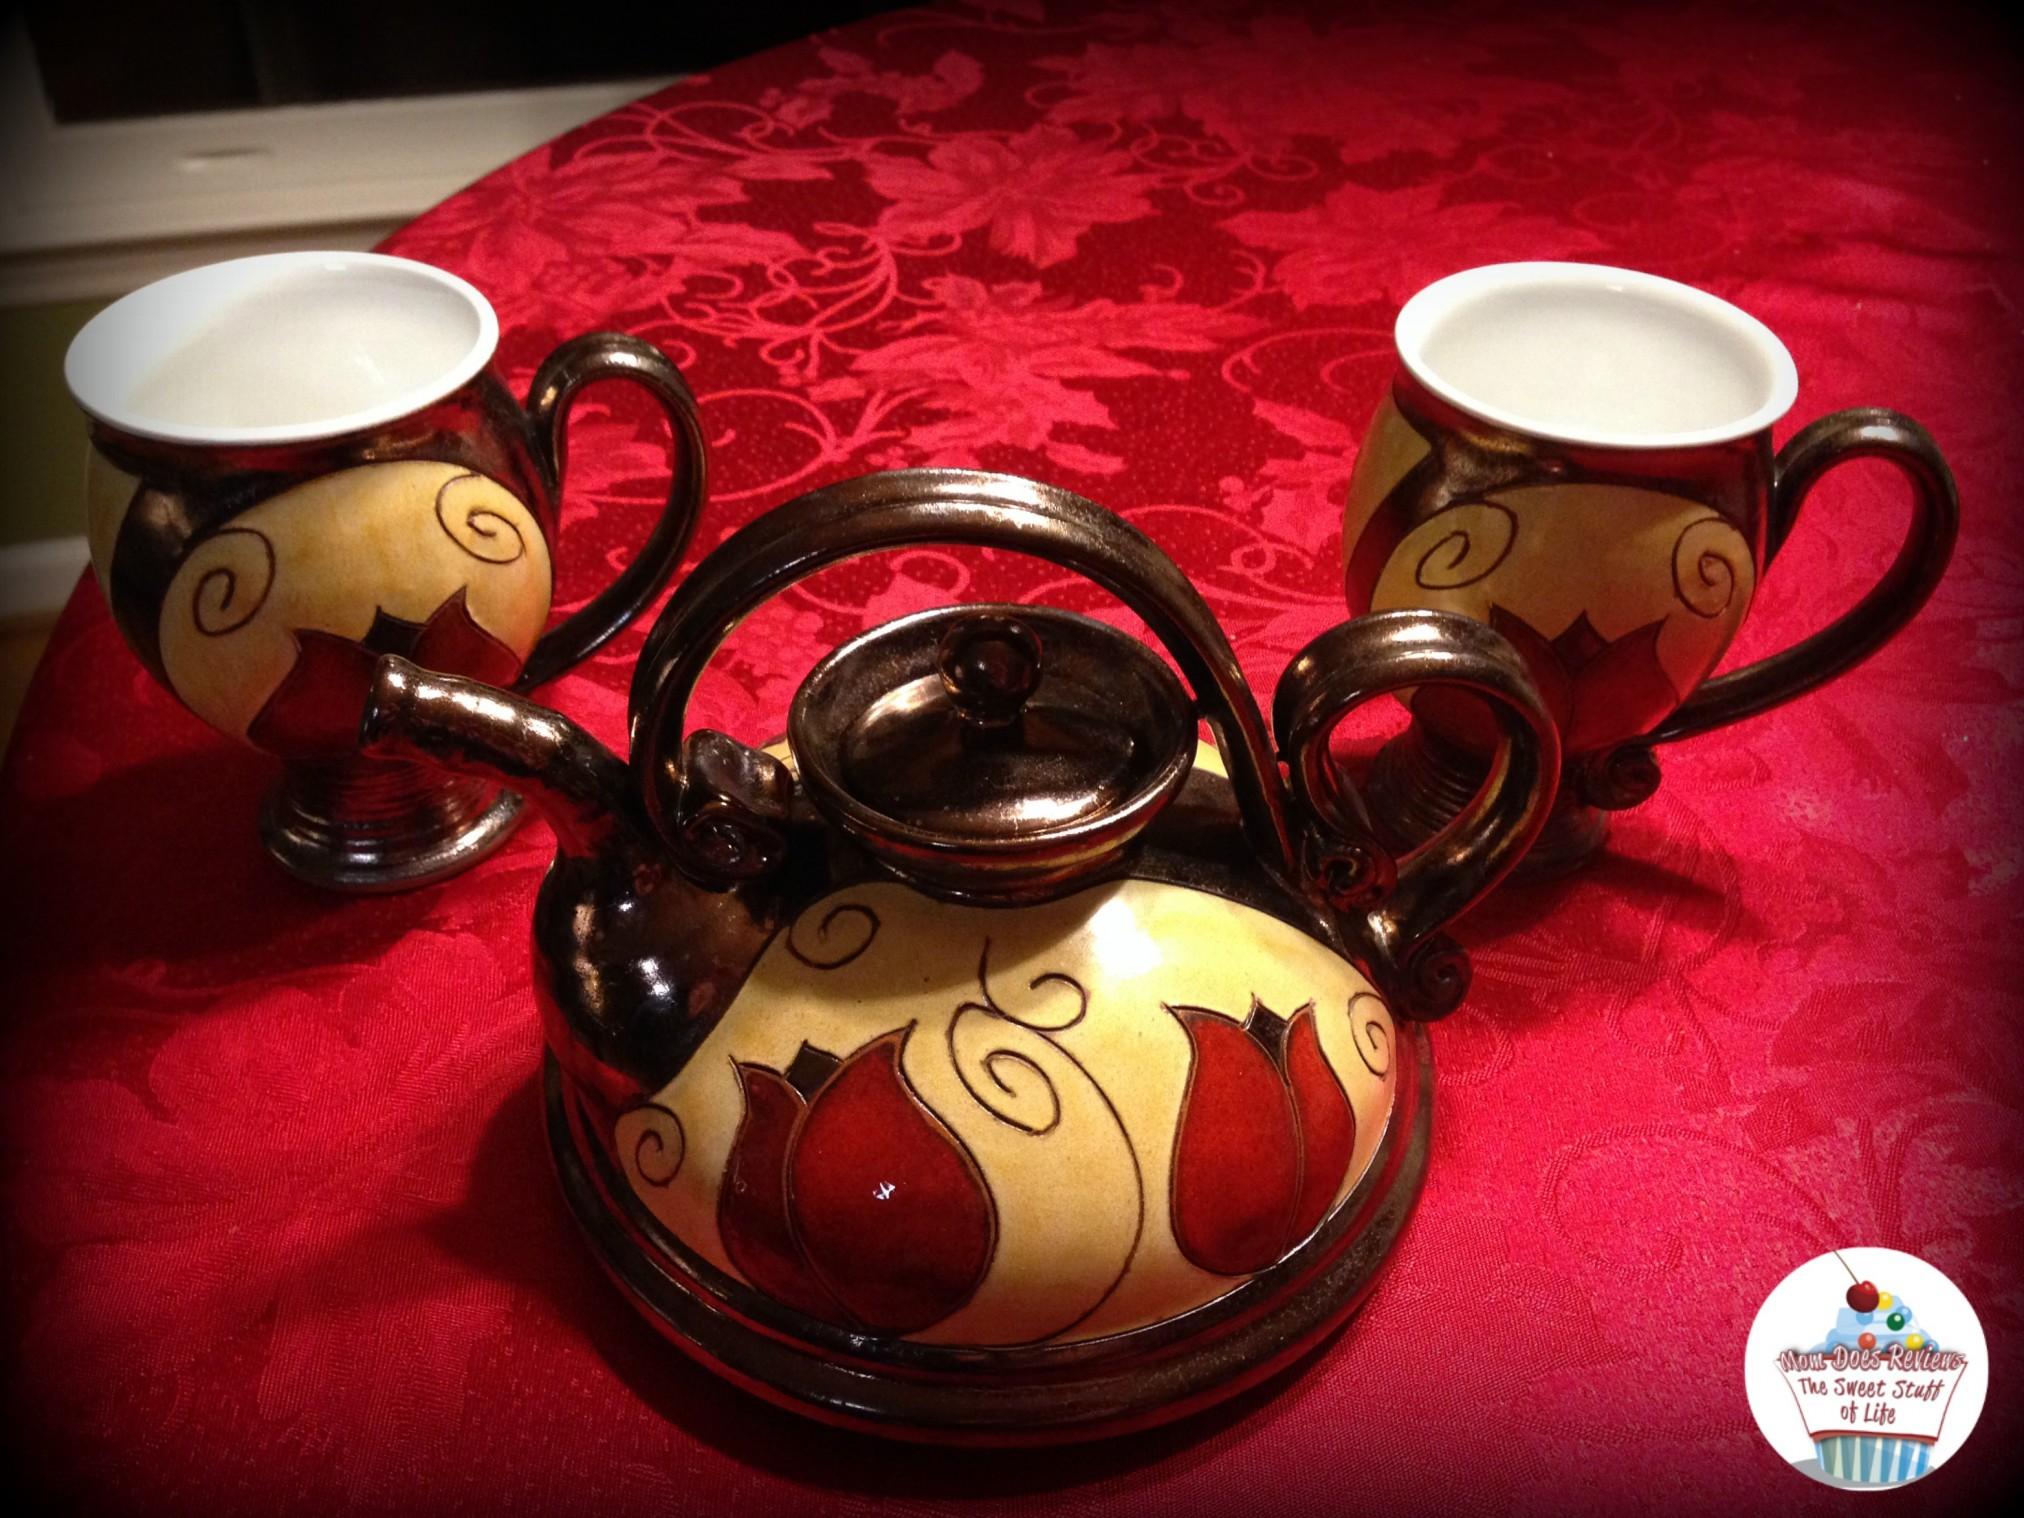 Tivelasi Pottery Unique Handmade Ceramics Review